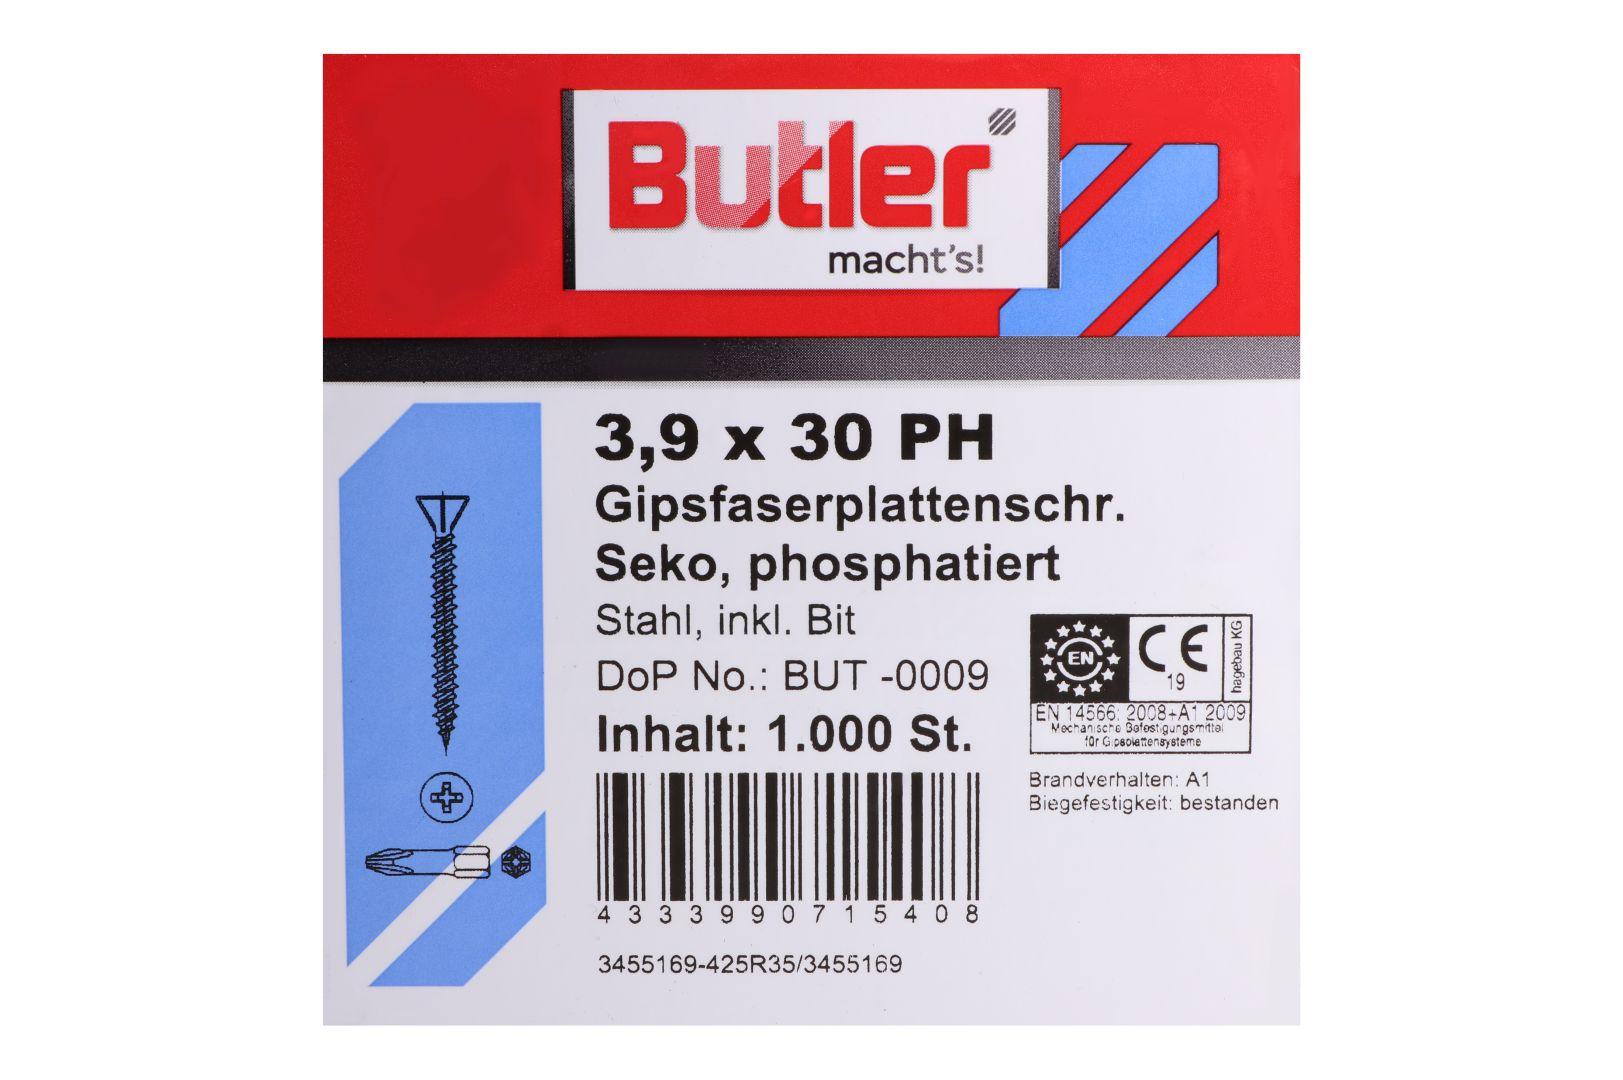 Butler macht's! Schnellbauschrauben inkl. Bit für Faserplatten auf Holz und Metall bis 0,6 mm, HiLo-Gewinde, PH2, 3,9 x 30 mm, 1.000 Stück